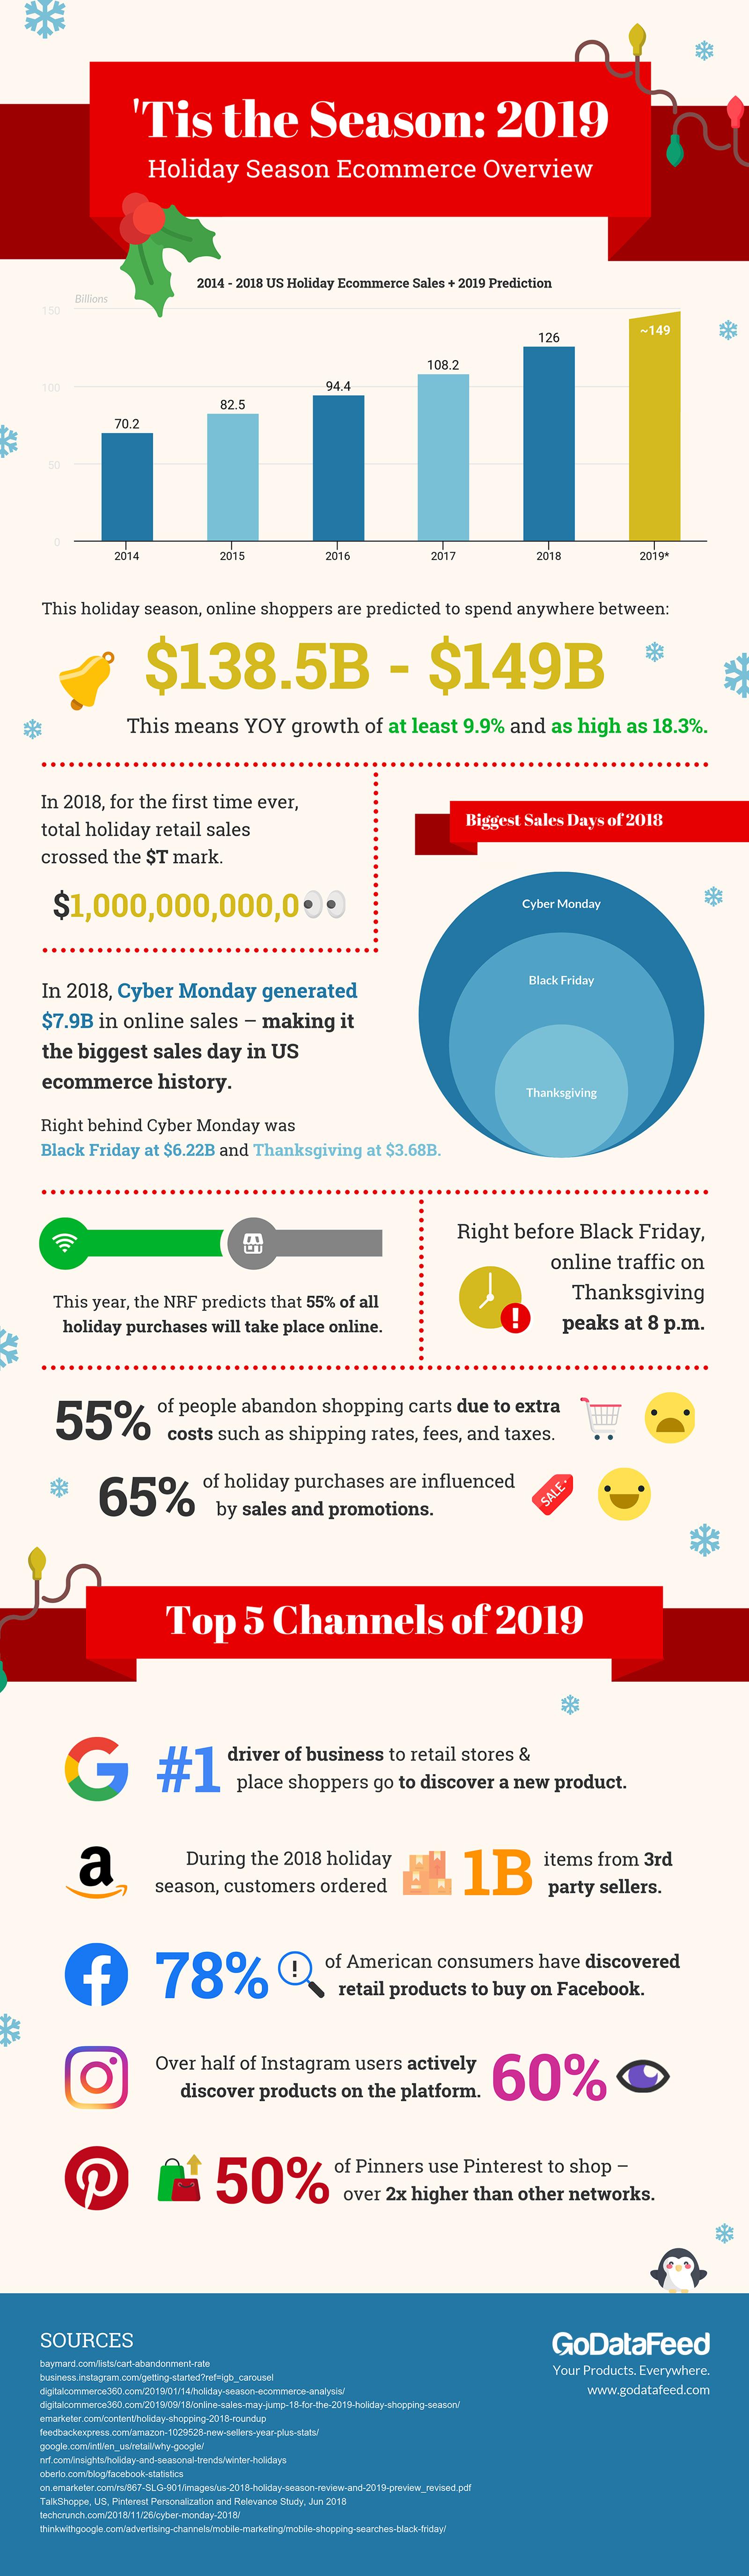 2019 godatafeed ecommerce holiday infographic